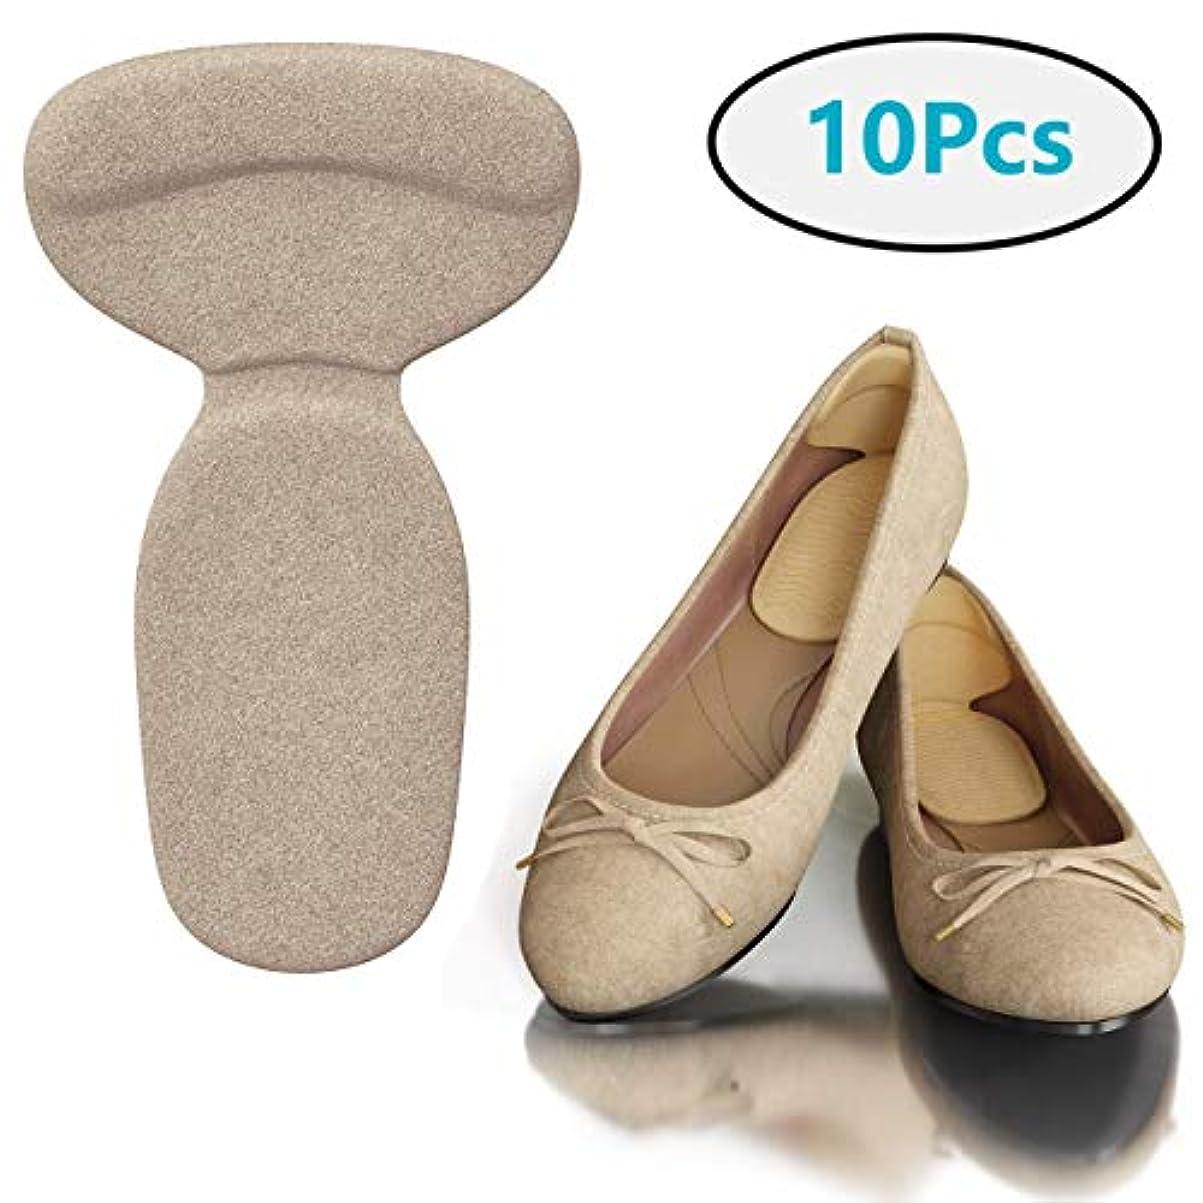 成熟ピニオン素朴な大きすぎる靴のヒールグリップ-10靴インサートパッド-足の痛みの軽減、足底筋膜炎、骨の痛み、アキレスの痛みのためのジェルヒールカップ